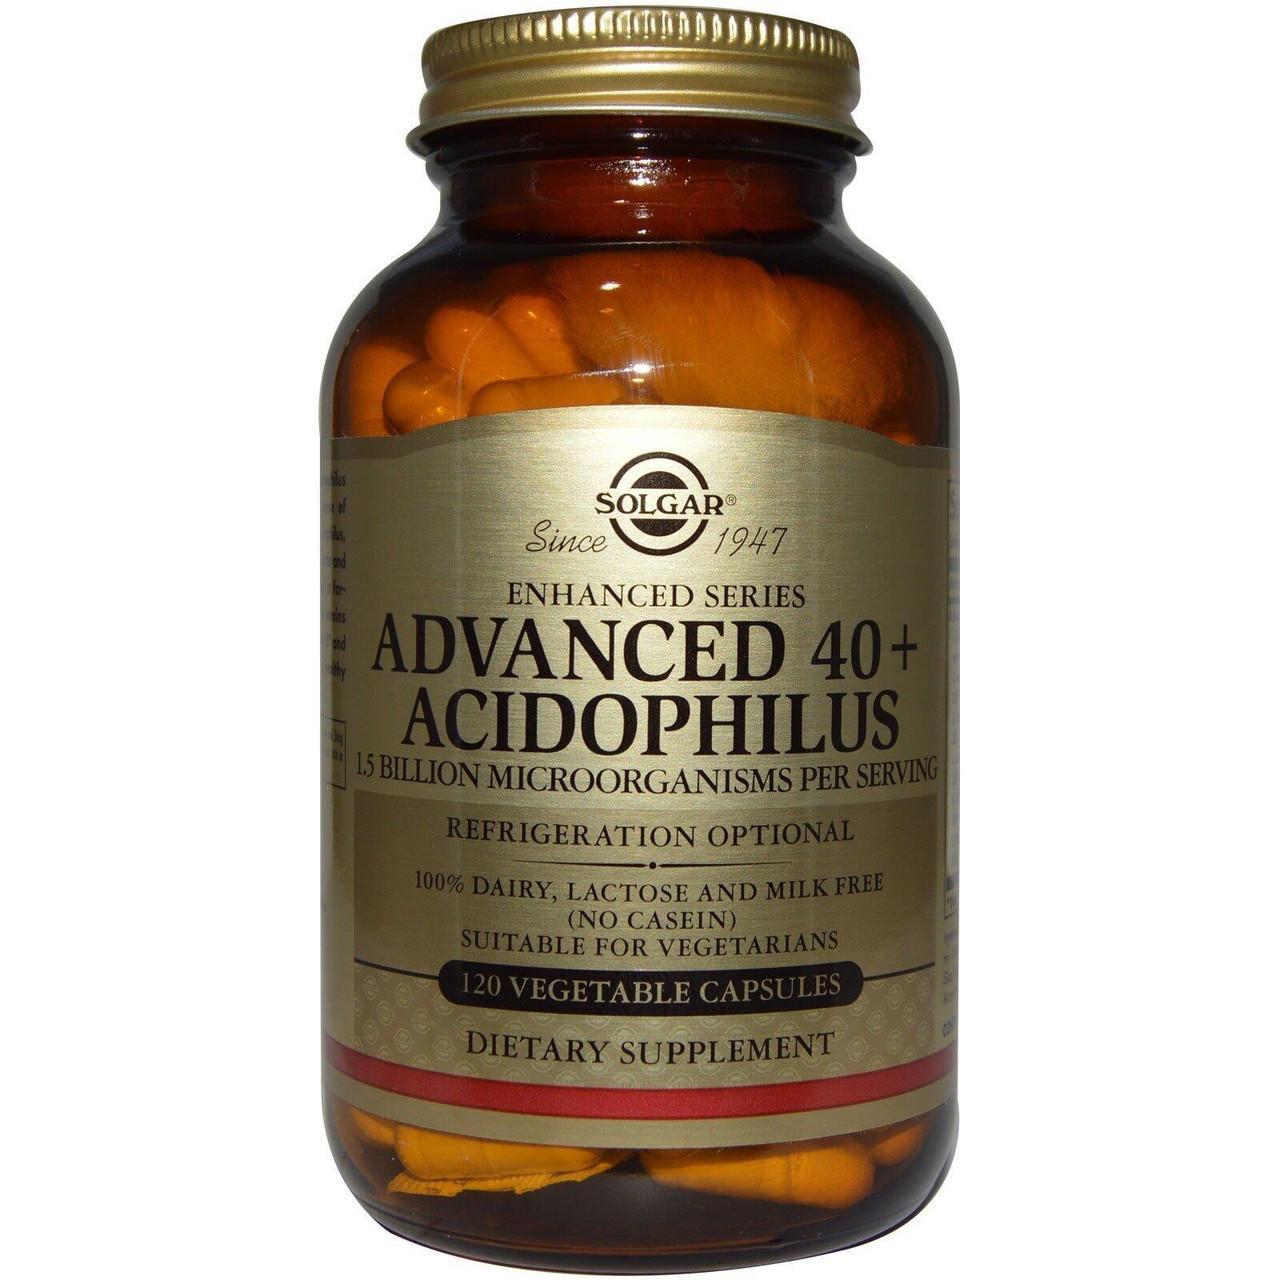 Біологічно Активні Добавки пробіотики Солгар Ацидофілус плюс 120 капсул Solgar Advanced Acidophilus Plus